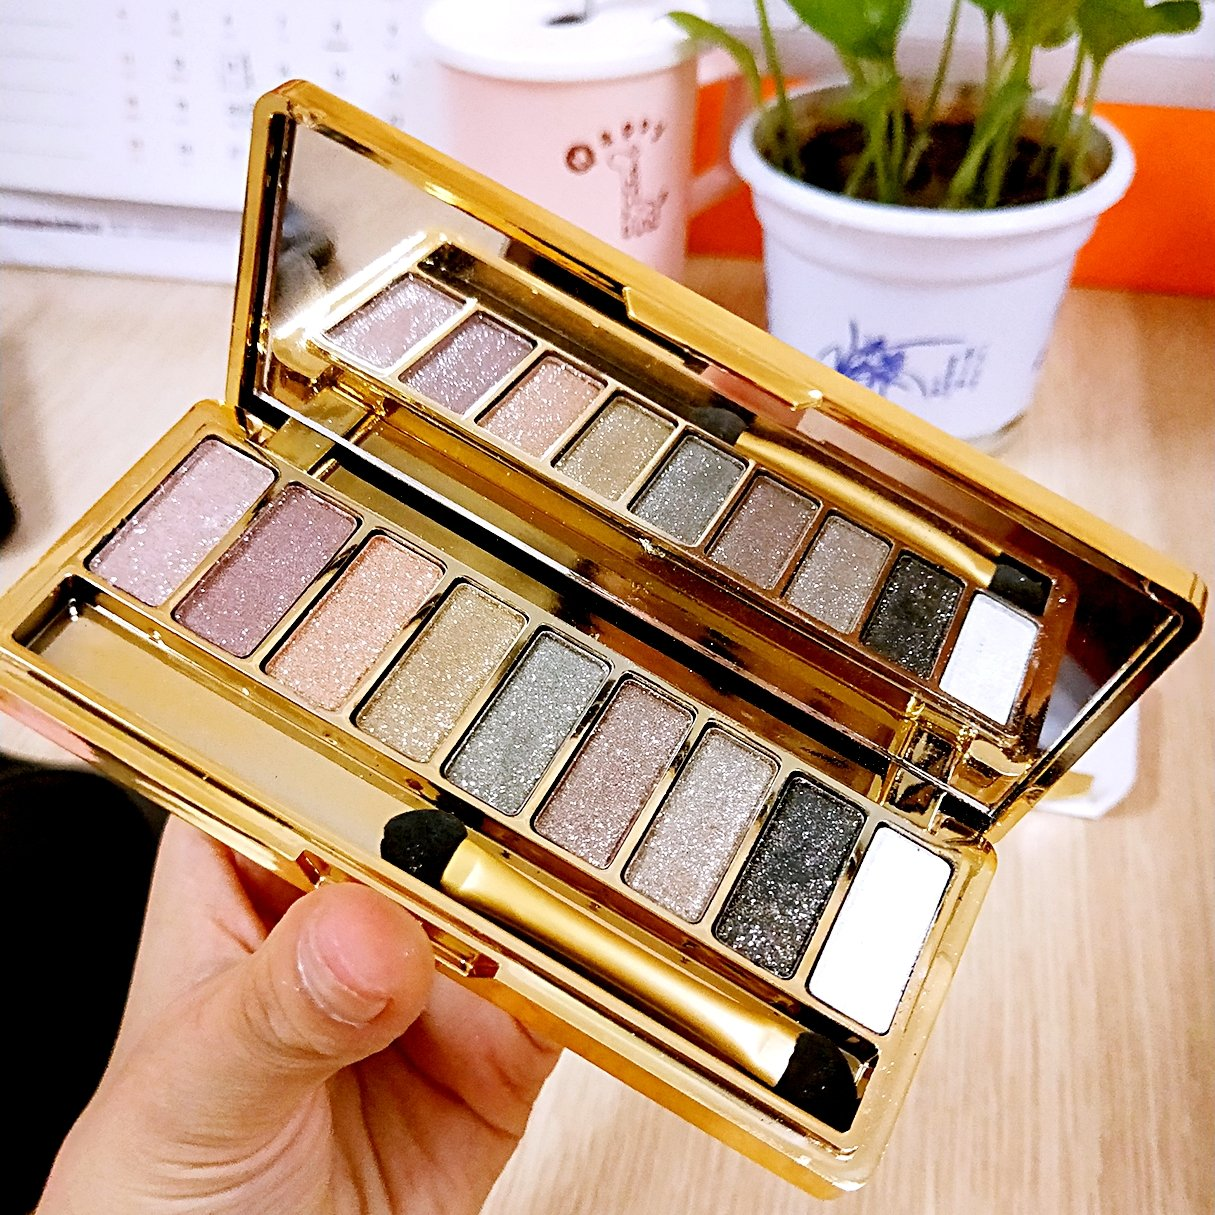 pevor Eyeshadow Palette High Pigment Glitter & Shimmer Pearl Eyeshadow 9 Colors Waterproof Makeup Glitter Eyeshadow Palette with Brush Eye Shadows